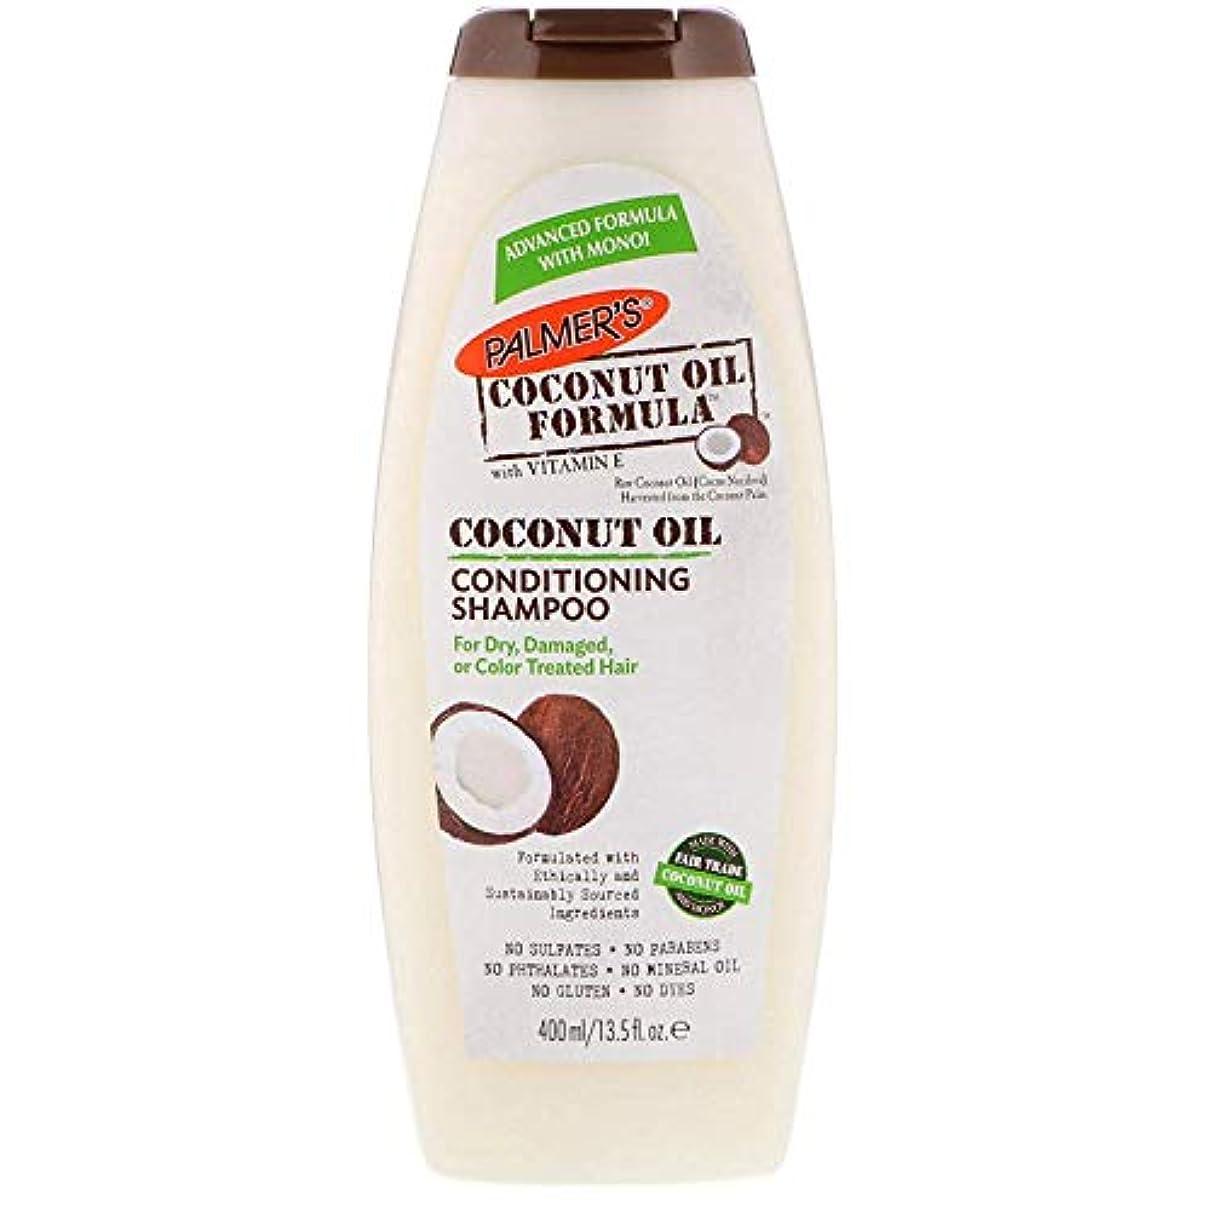 説明開いた広々Palmer's ココナッツオイル ダメージヘア水分補給 シャンプー 13.5 fl oz (400 ml) [並行輸入品]